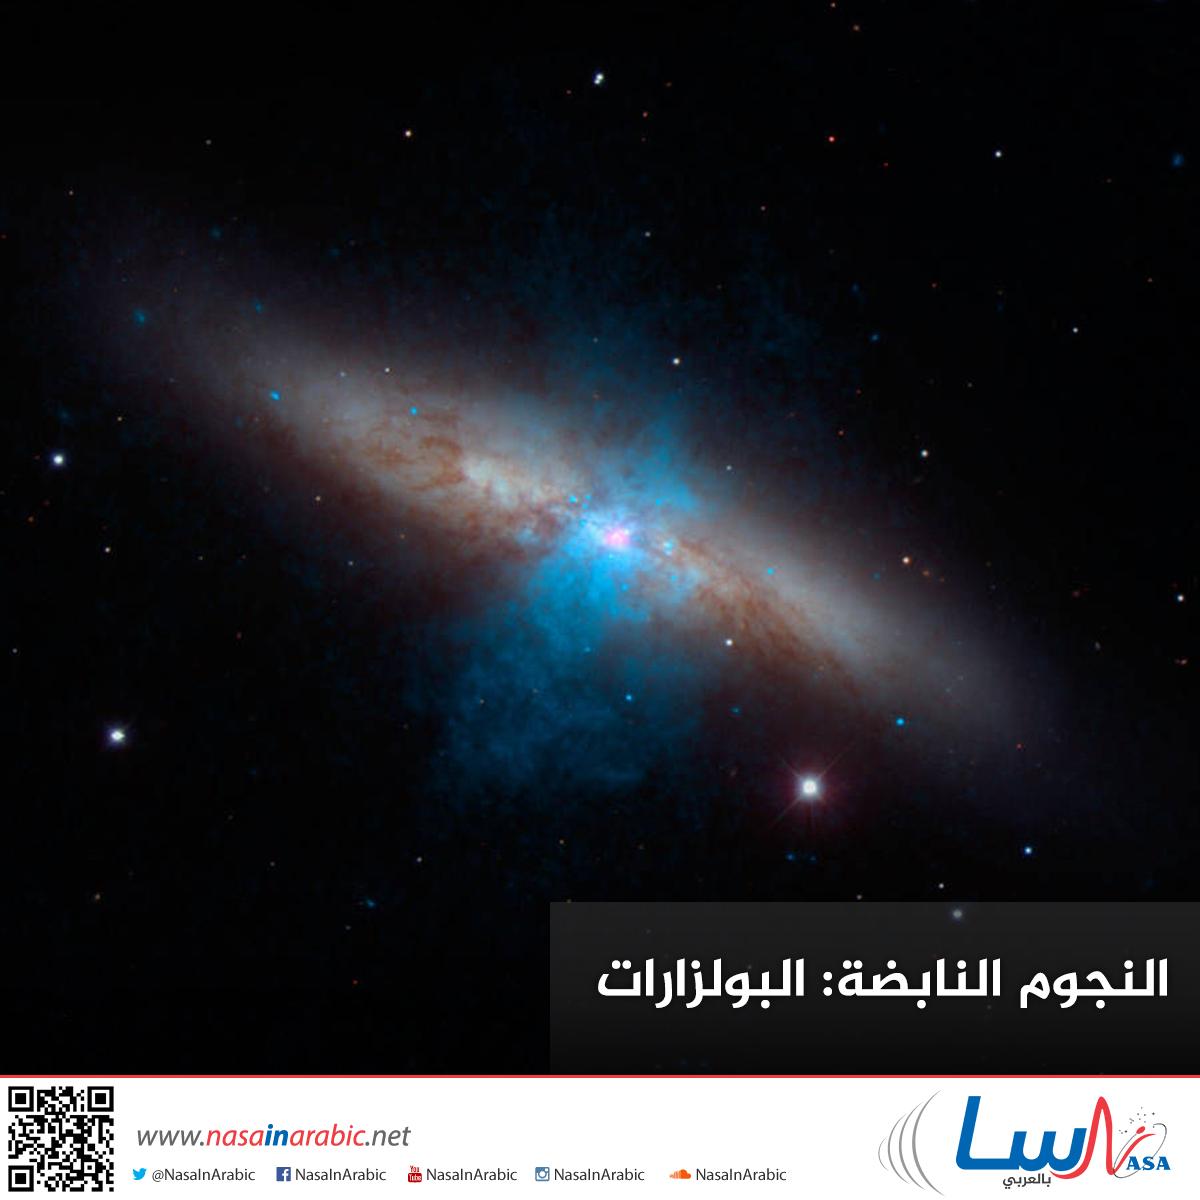 النجوم النابضة: البولزارات